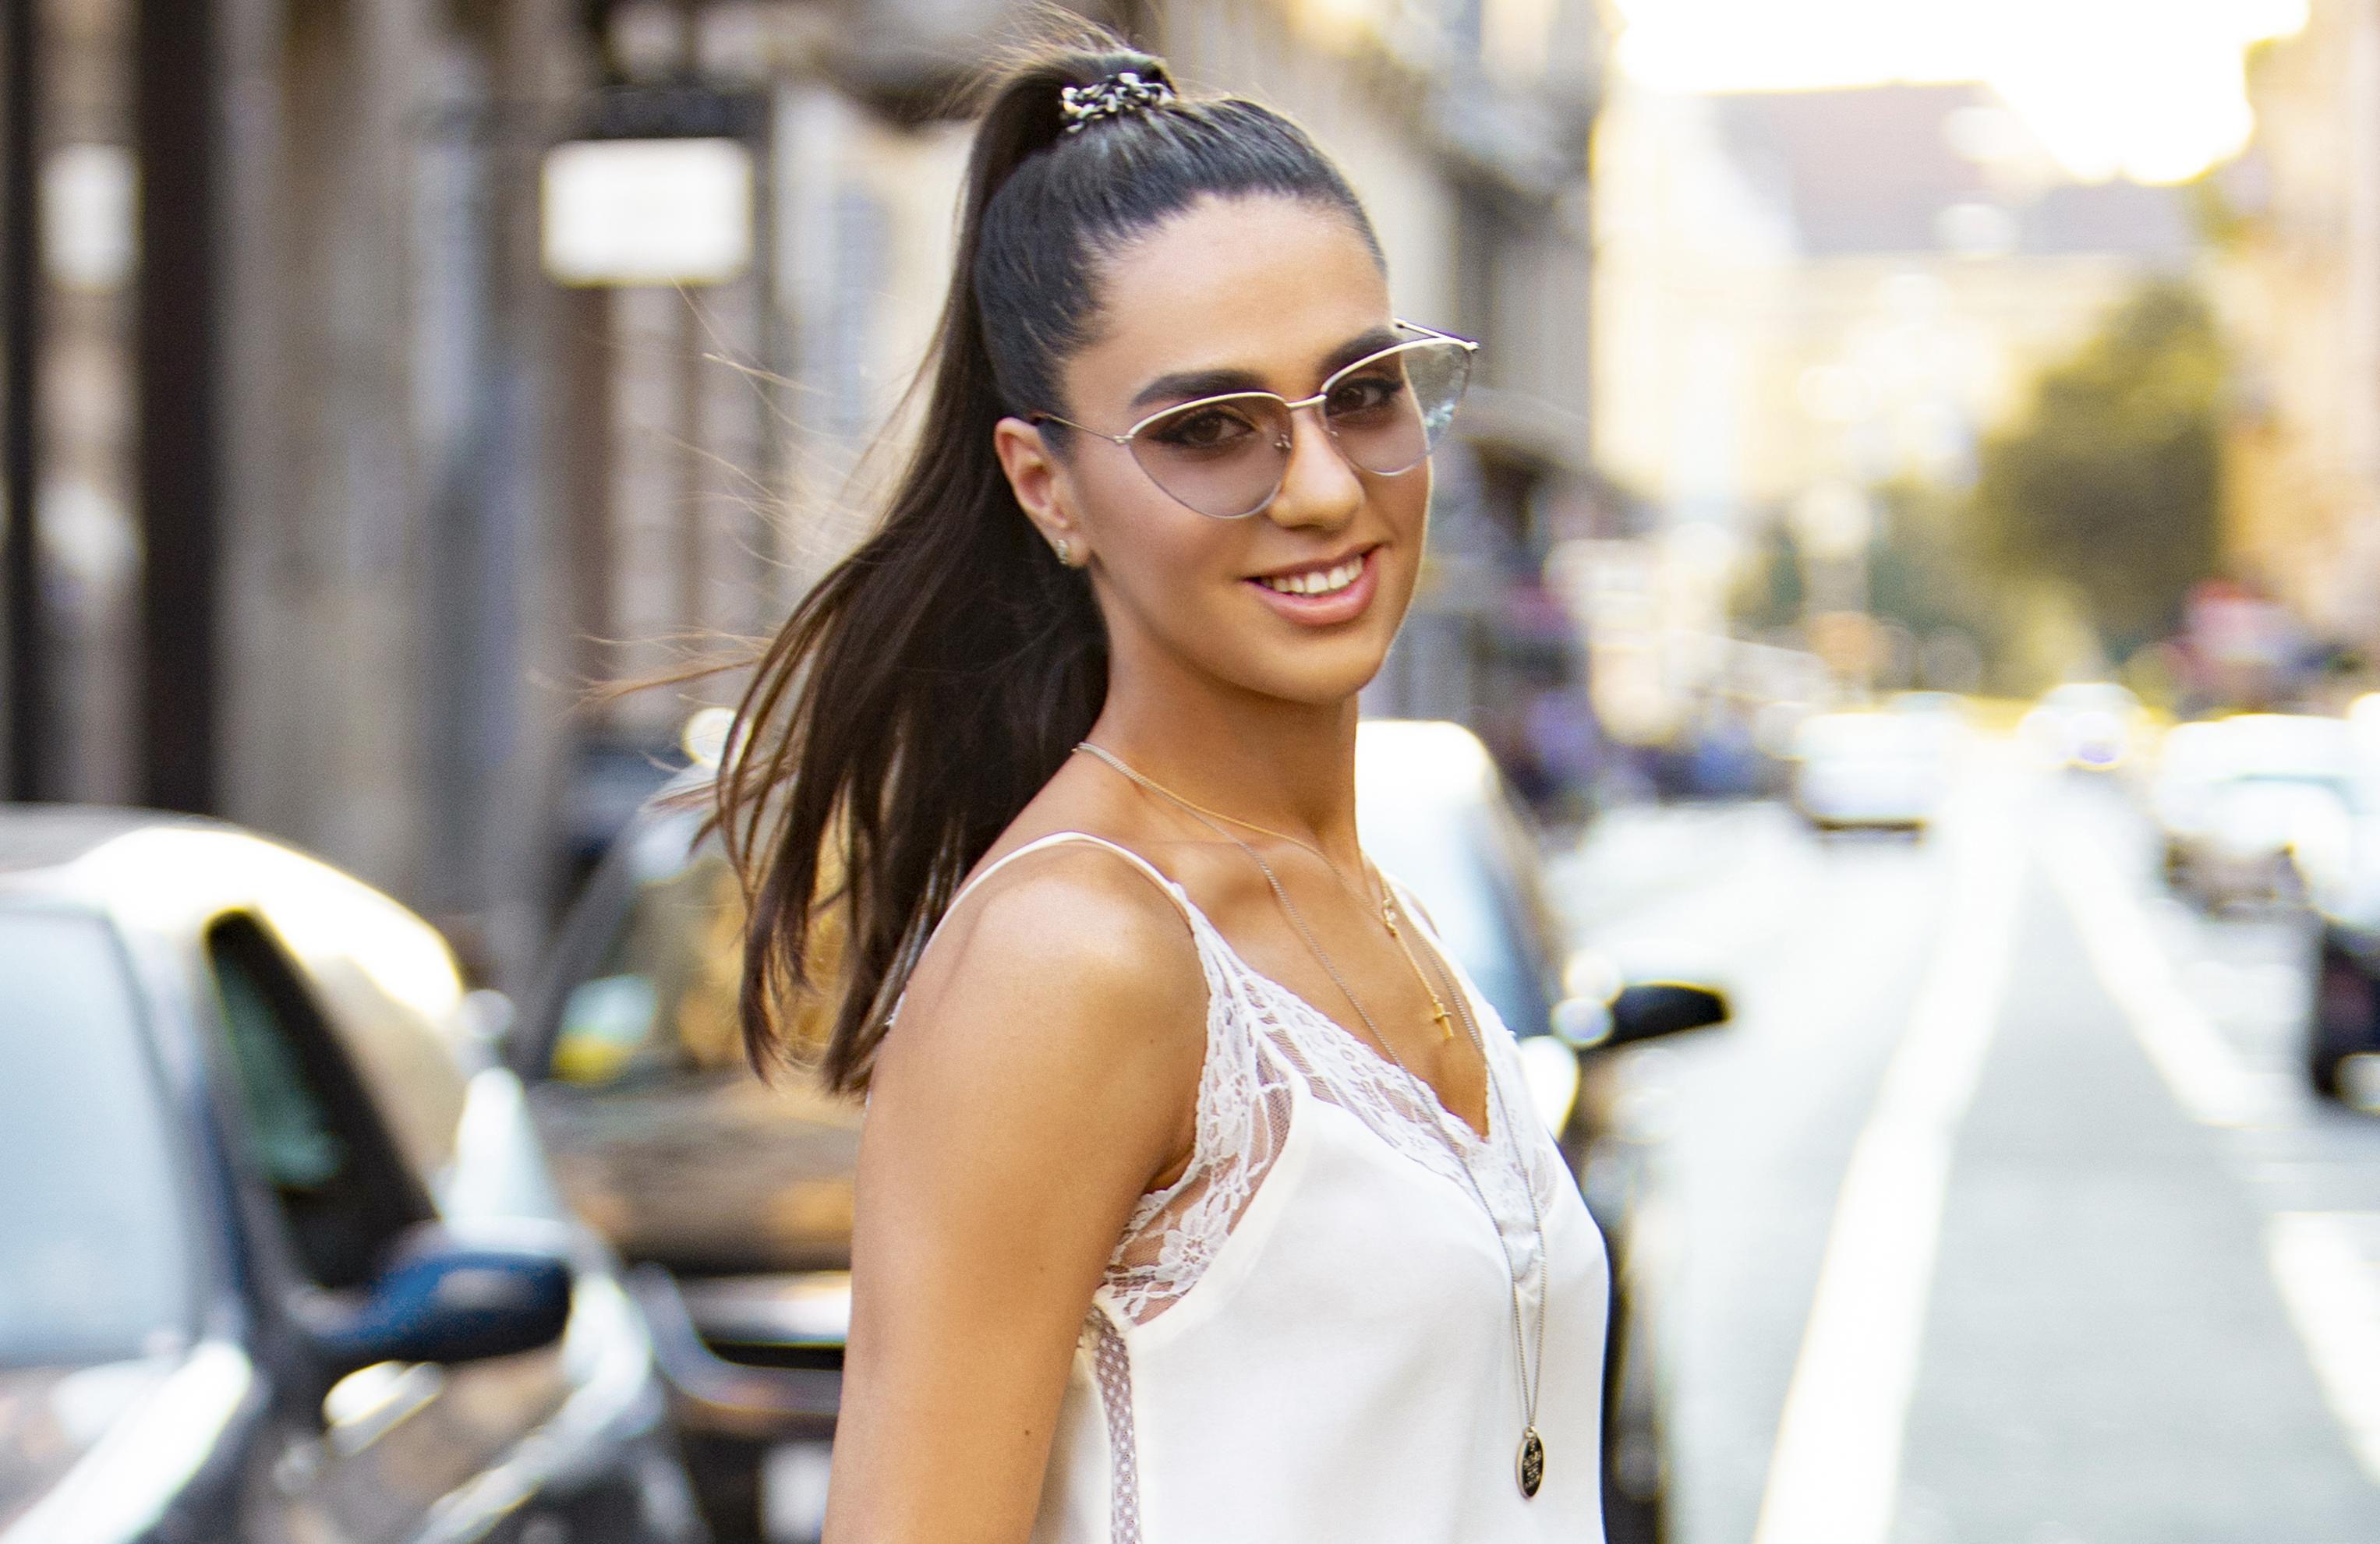 Ljepotica iz centra Zagreba: 'U zadnje vrijeme više se bavim stilom svog supruga, nego svojim'